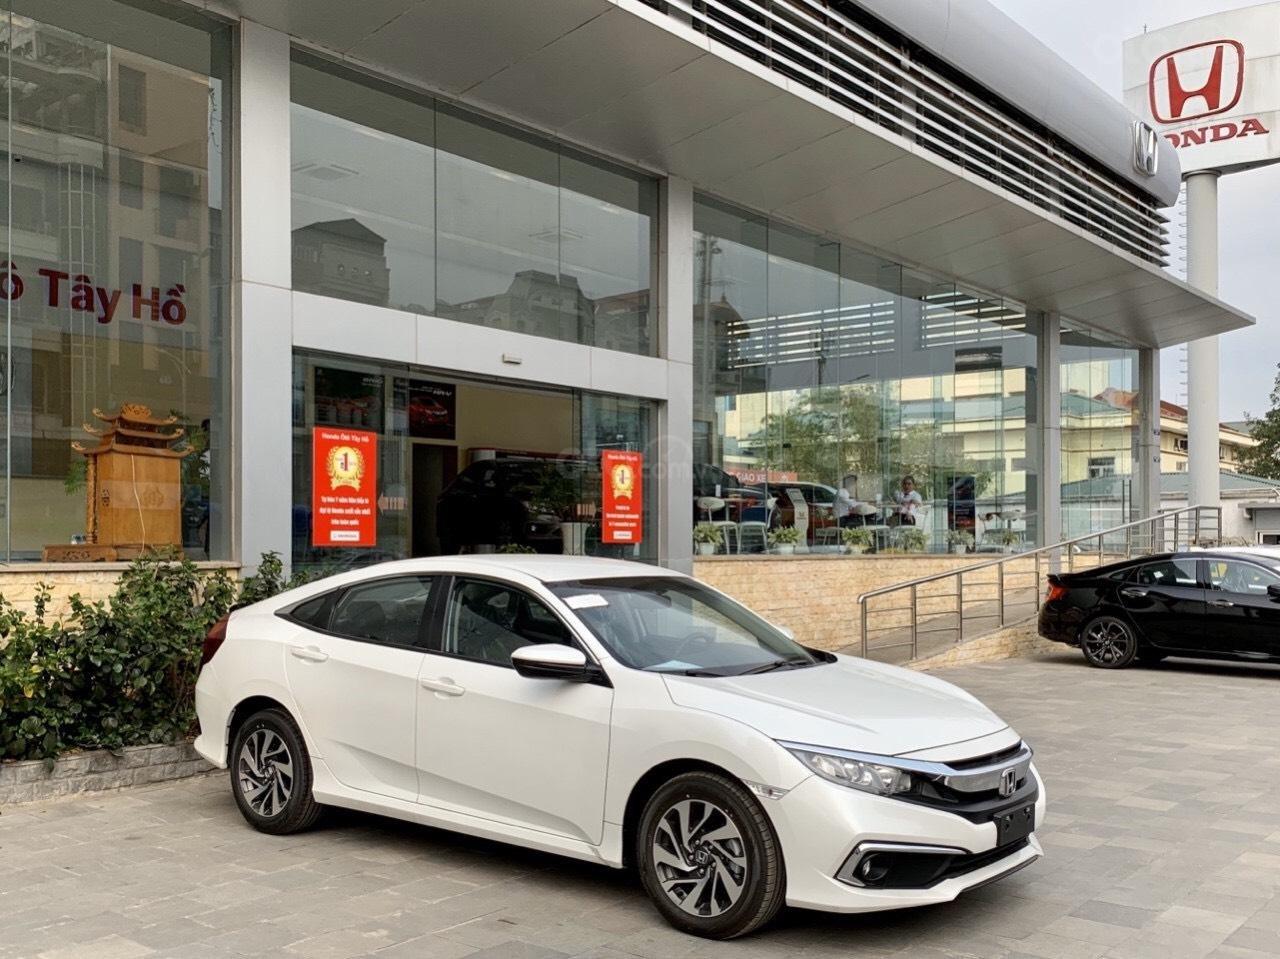 Siêu khuyến mãi Honda Civic 2020 nhập khẩu, khuyến mại 80 triệu tiền mặt, phụ kiện (9)